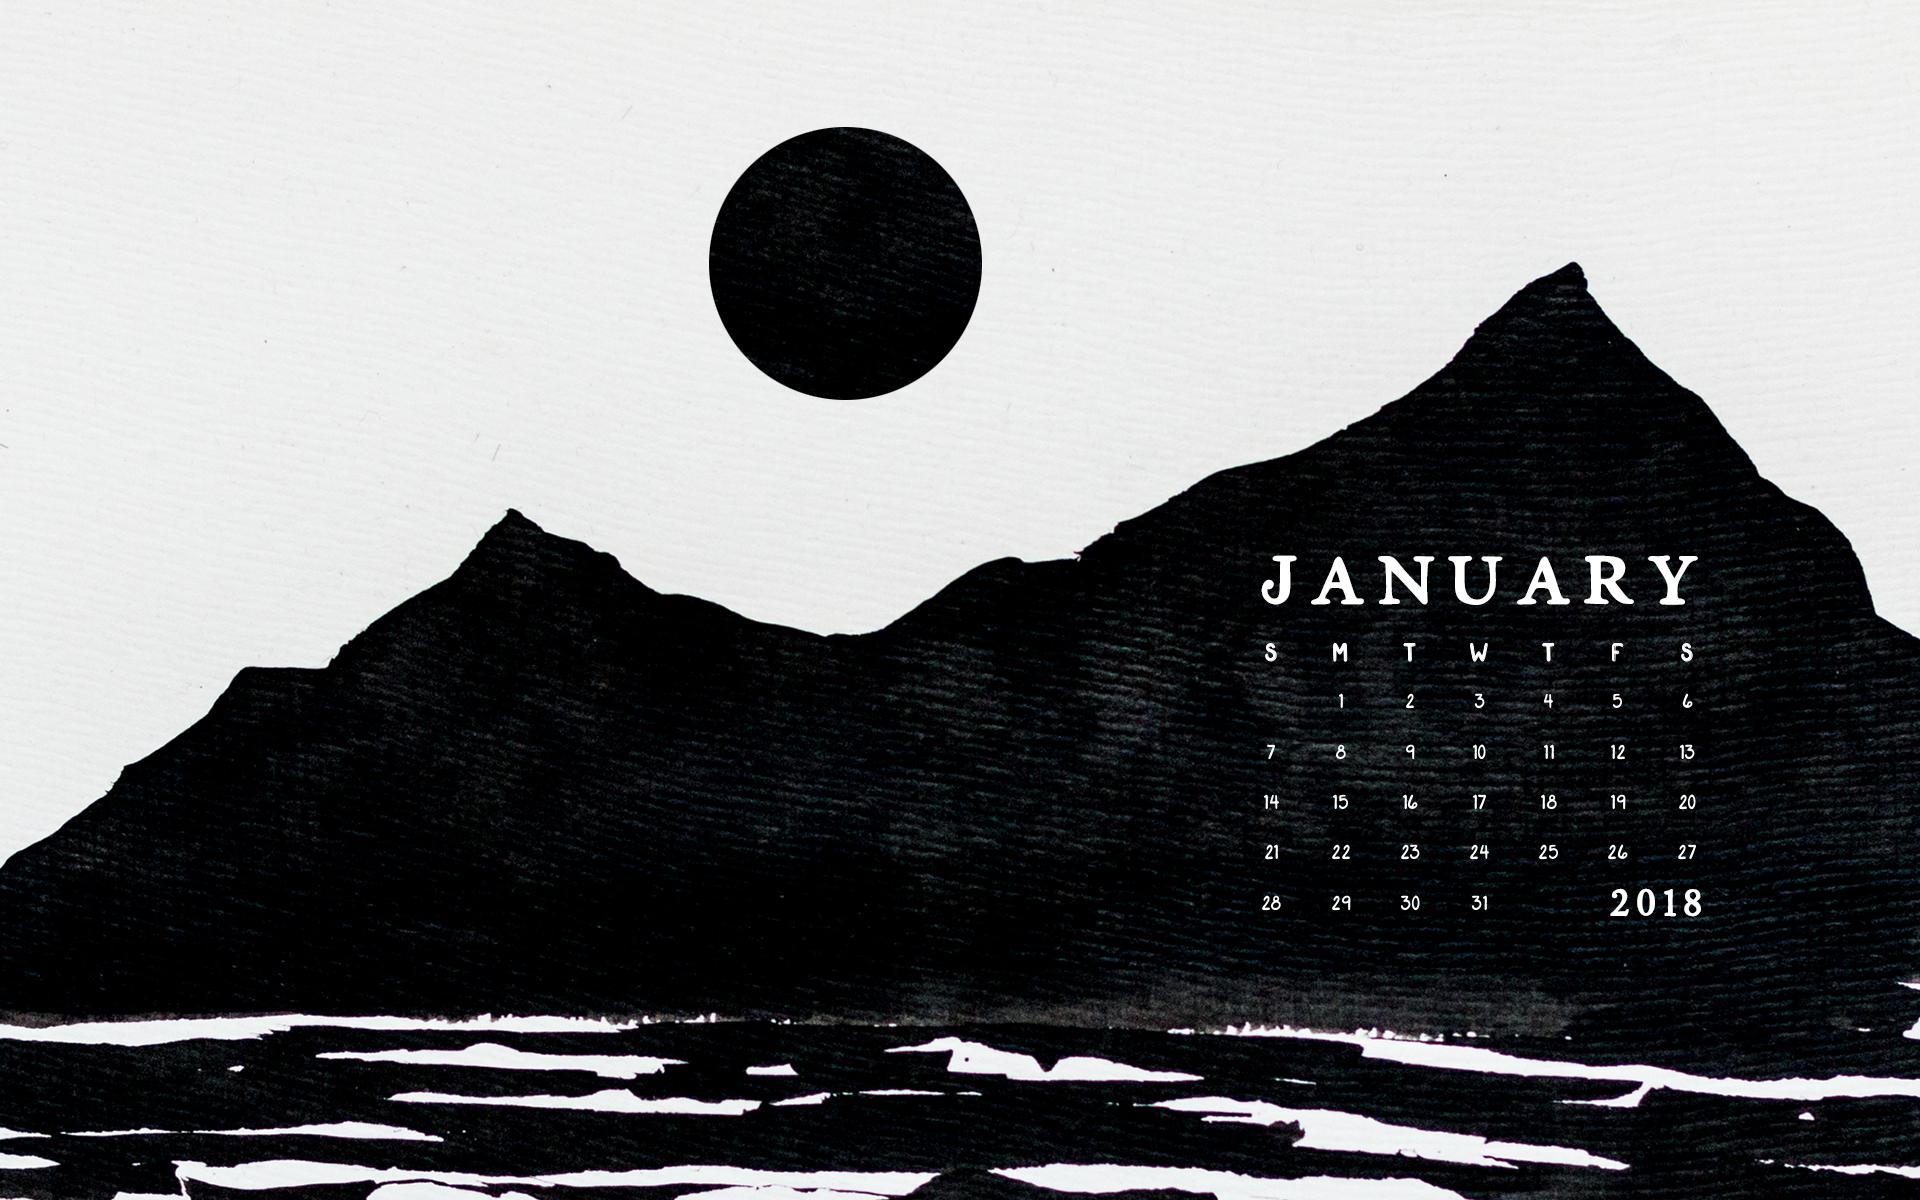 Desktop Calendar Wallpaper Creator : Wallpaper: january 2018 calendar & art u2014 britt fabello